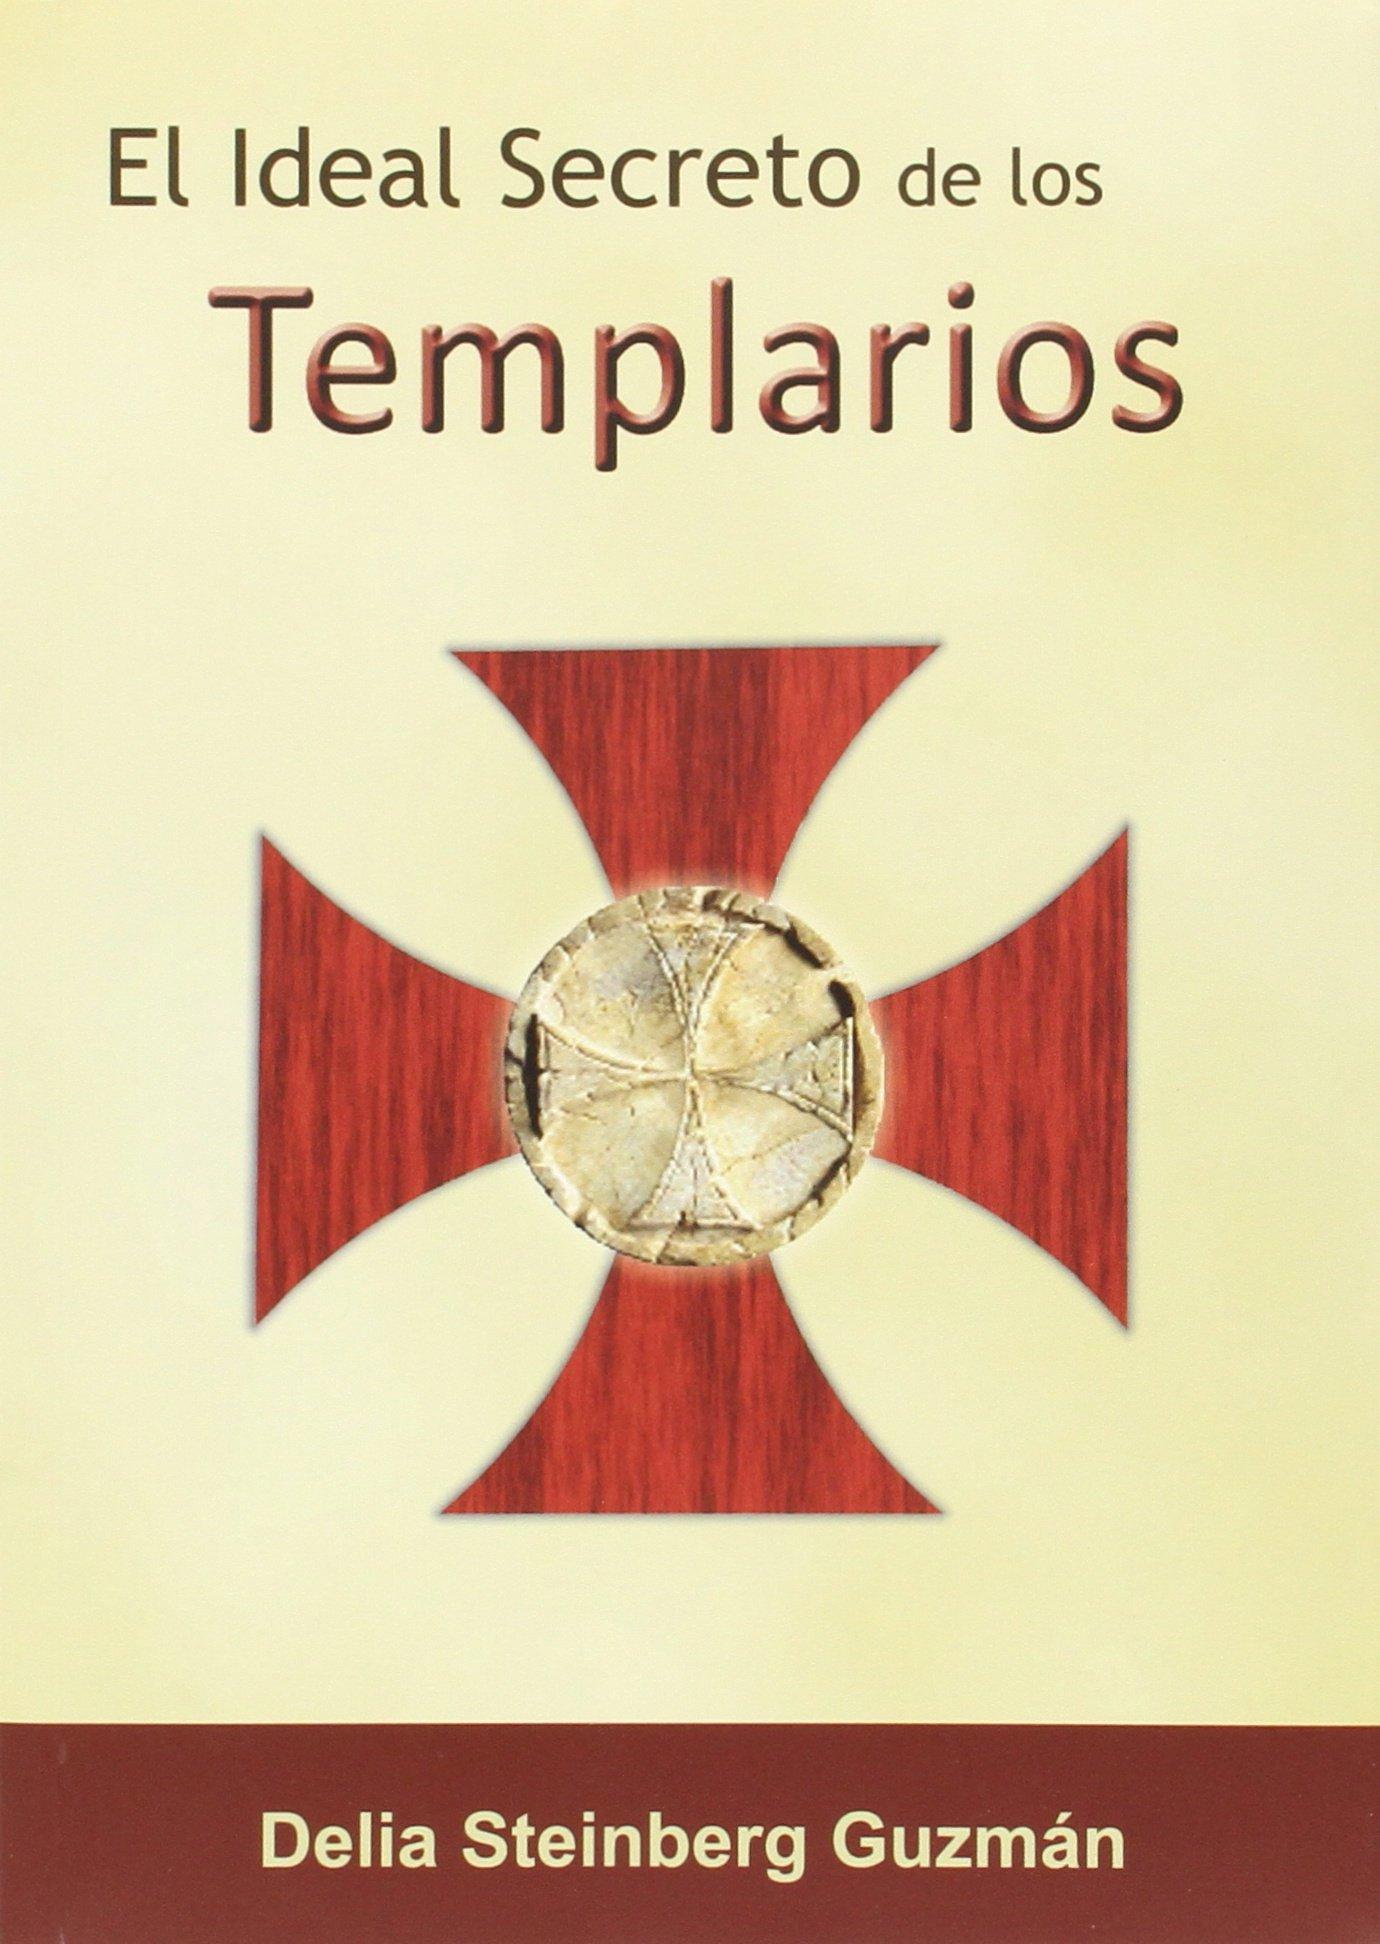 Ideal secreto de los templarios,El: Amazon.es: Delia Steinberg ...